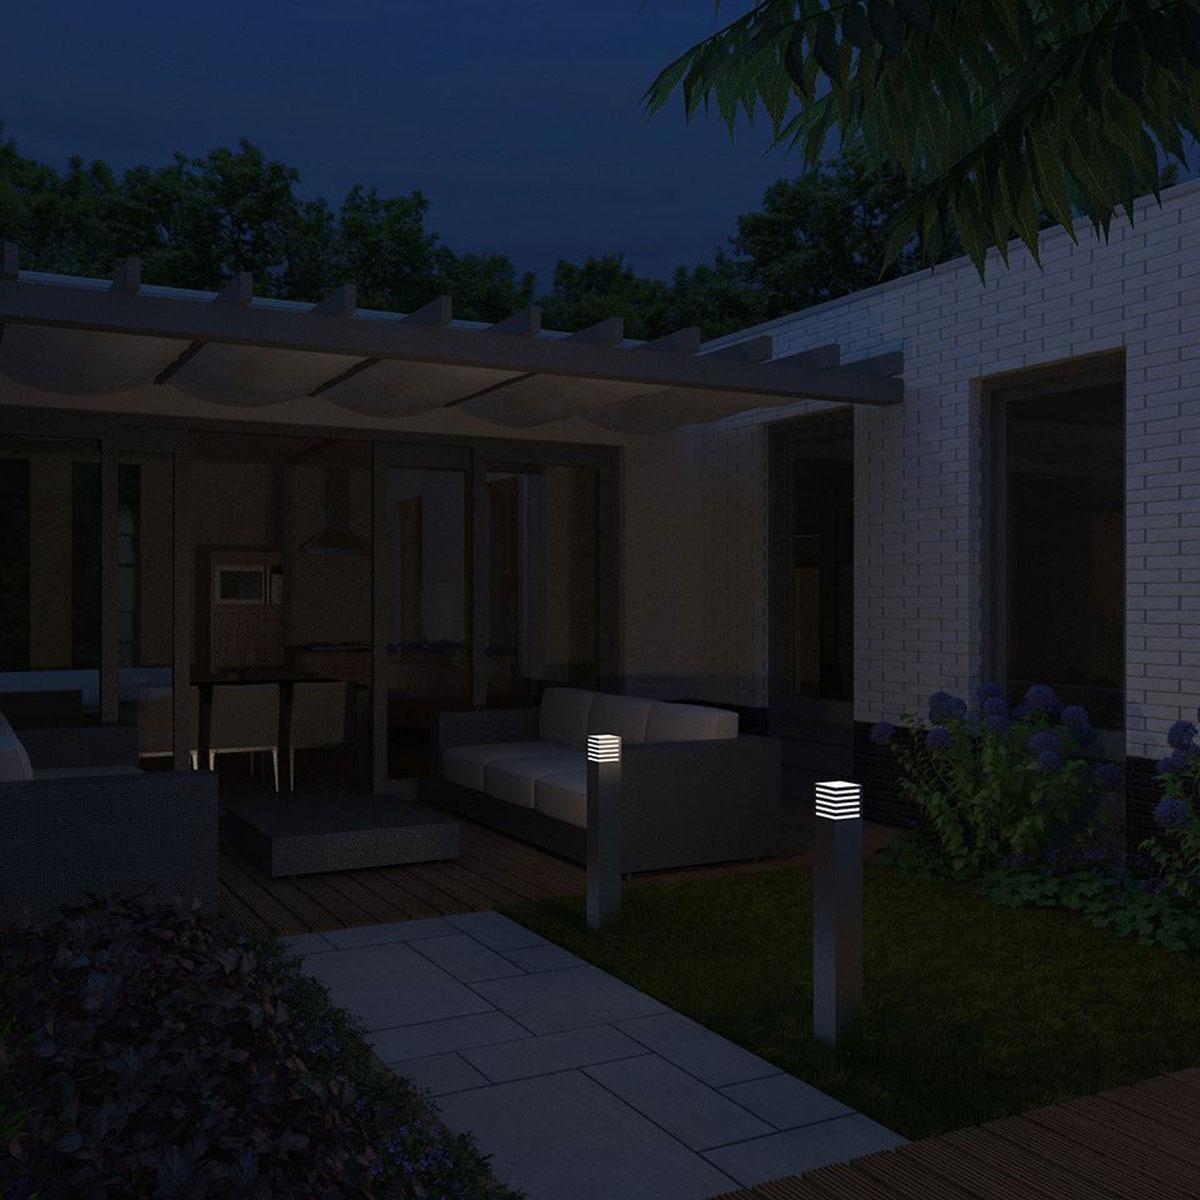 Philips mygarden veranda sokkel rvs wit 80cm - Philips my garden ...